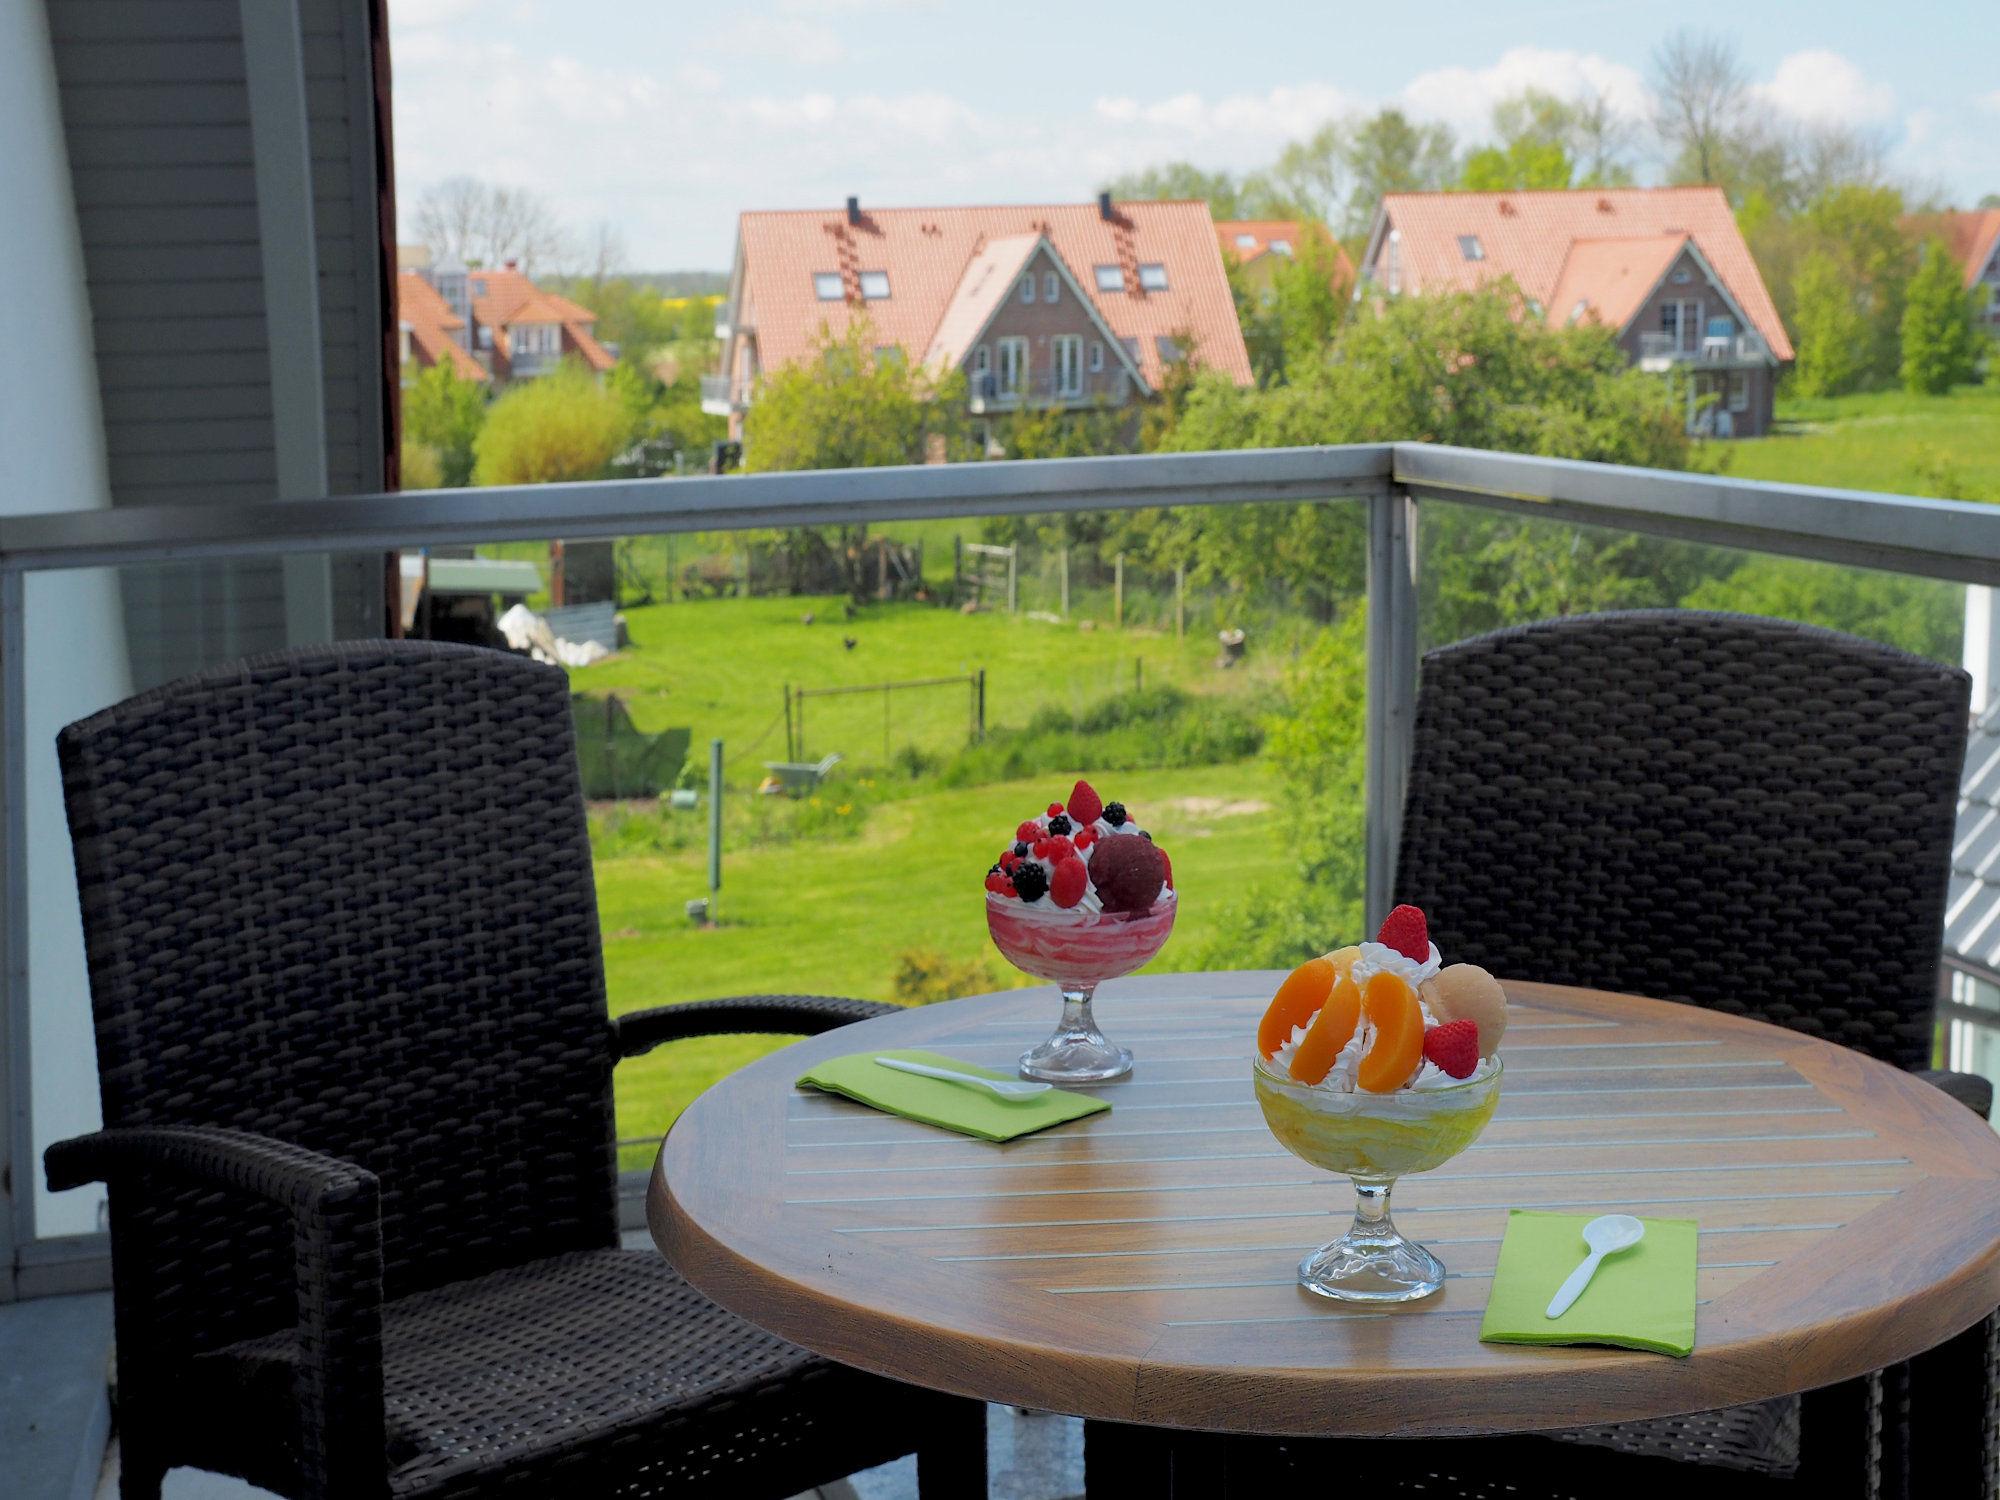 Balkon mit Tisch und zwei Stühlen, Blick ins Grüne